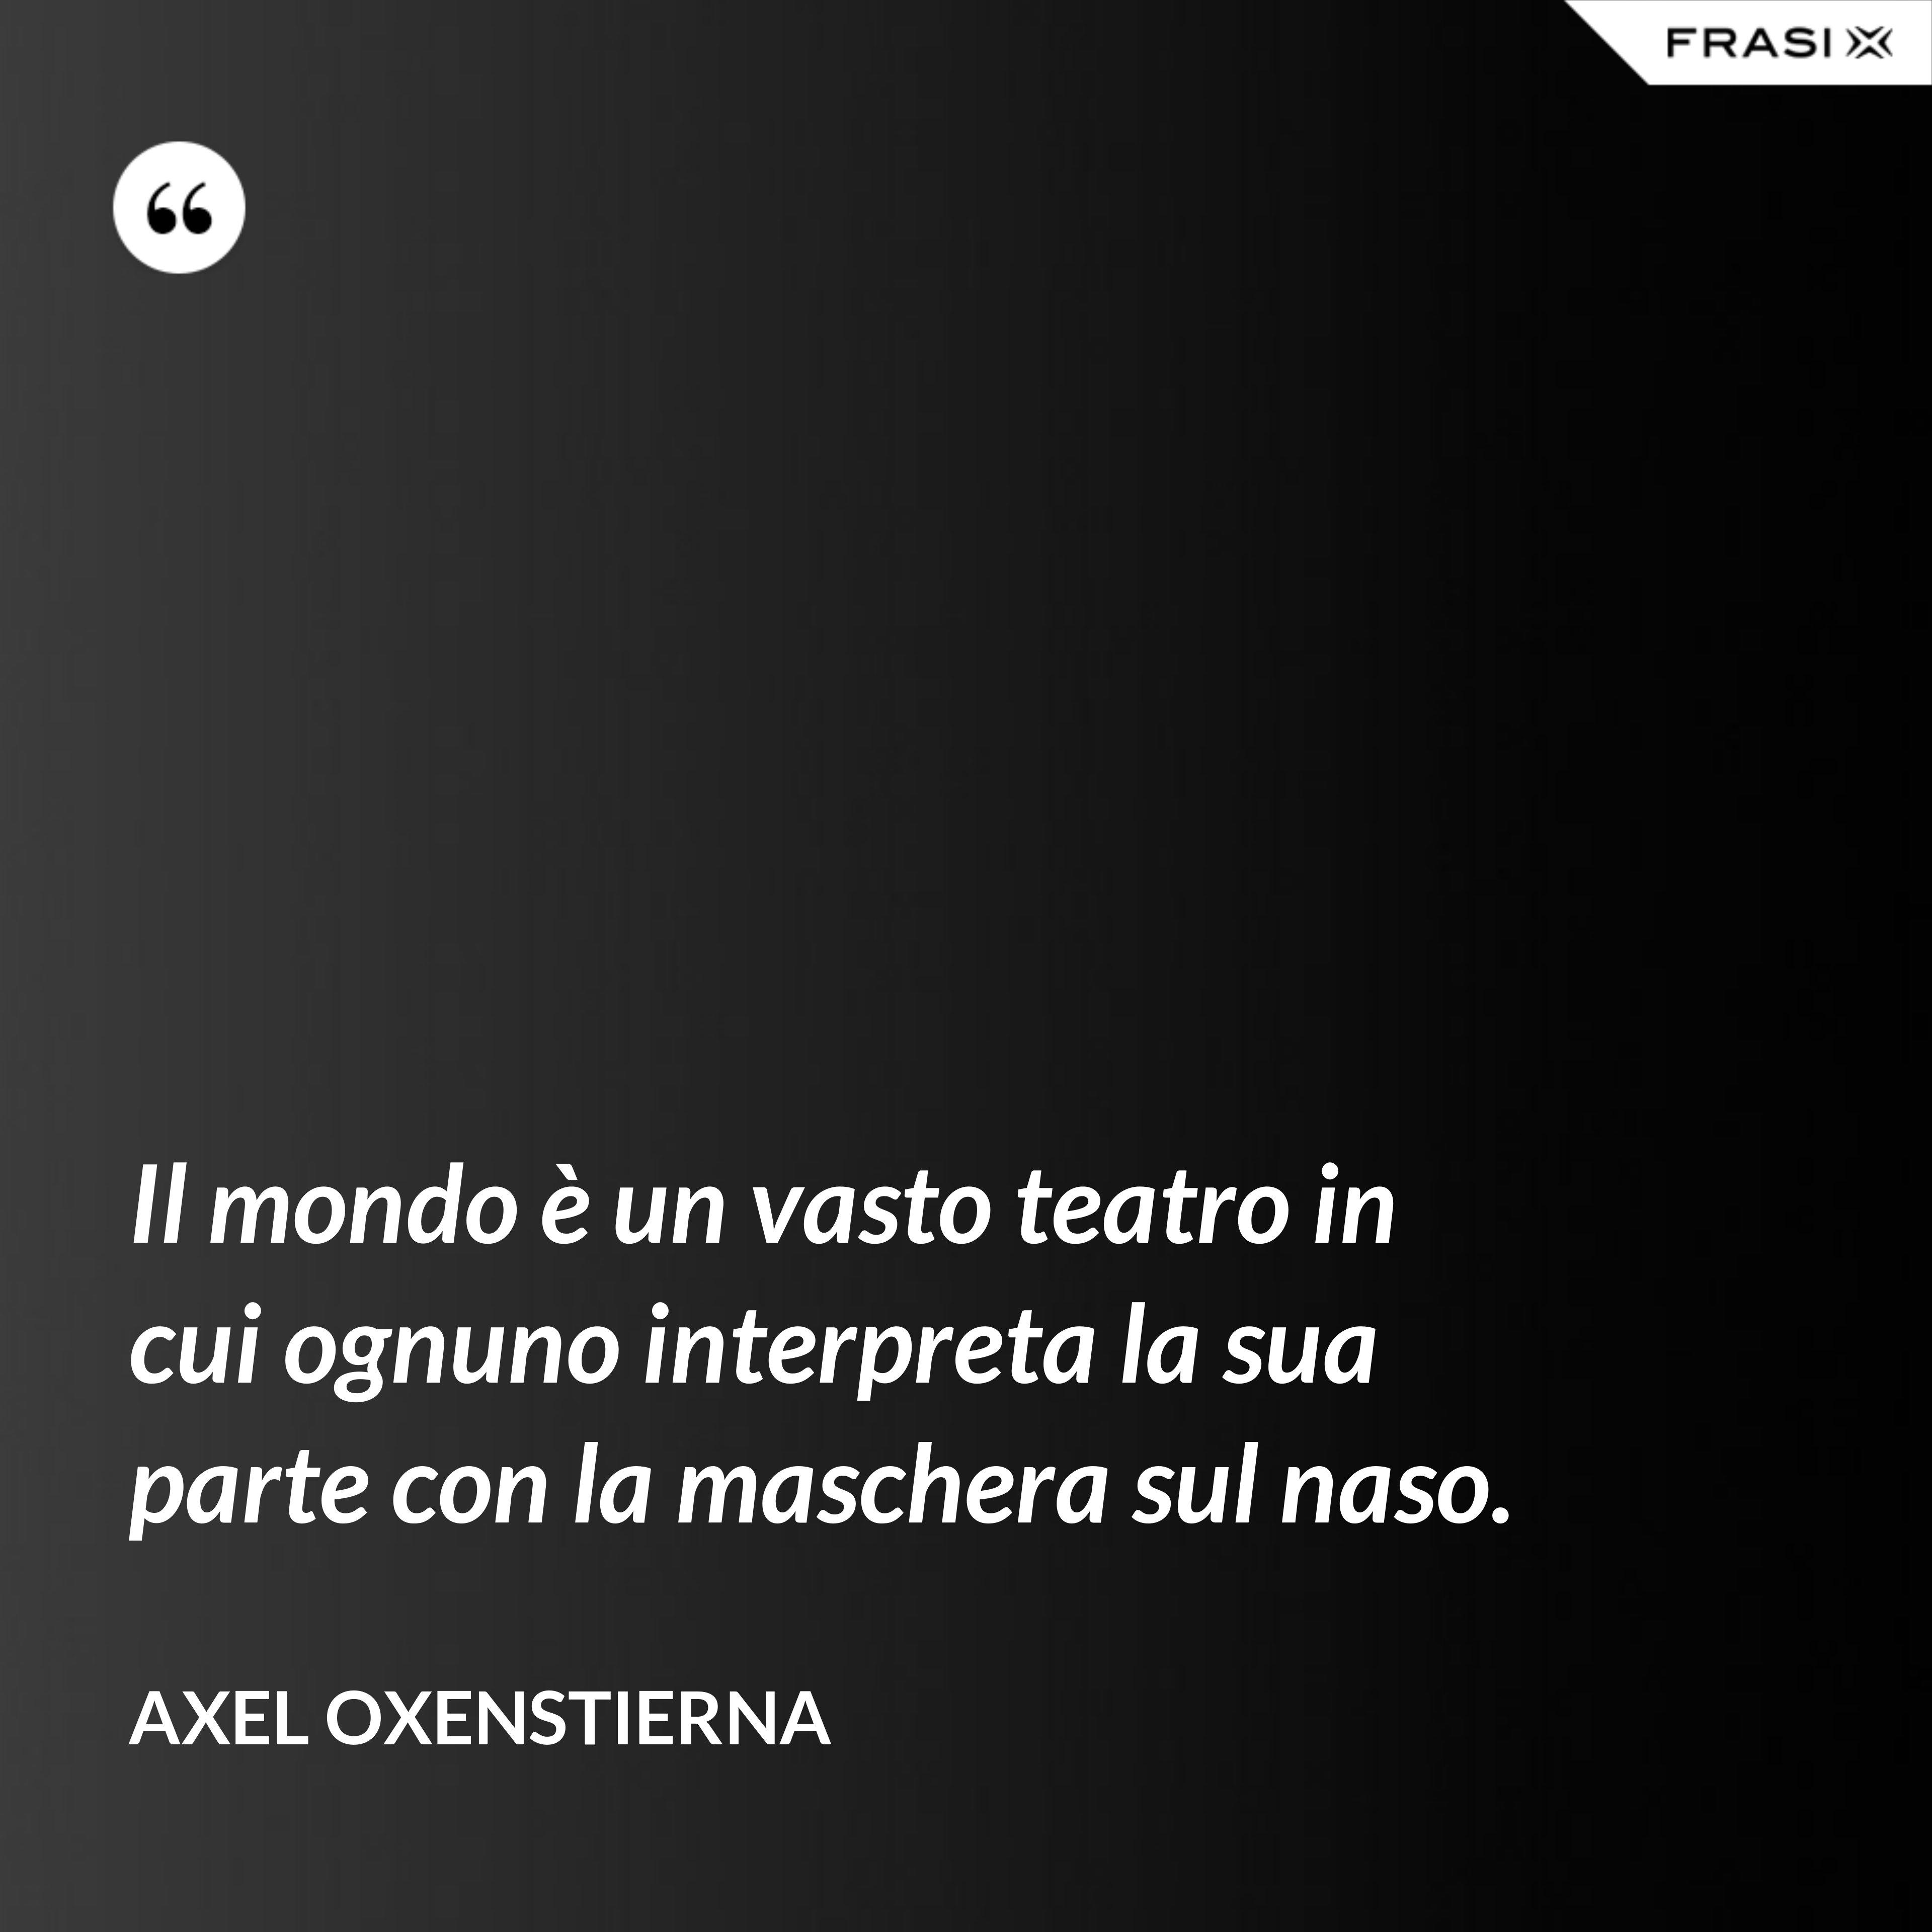 Il mondo è un vasto teatro in cui ognuno interpreta la sua parte con la maschera sul naso. - Axel Oxenstierna